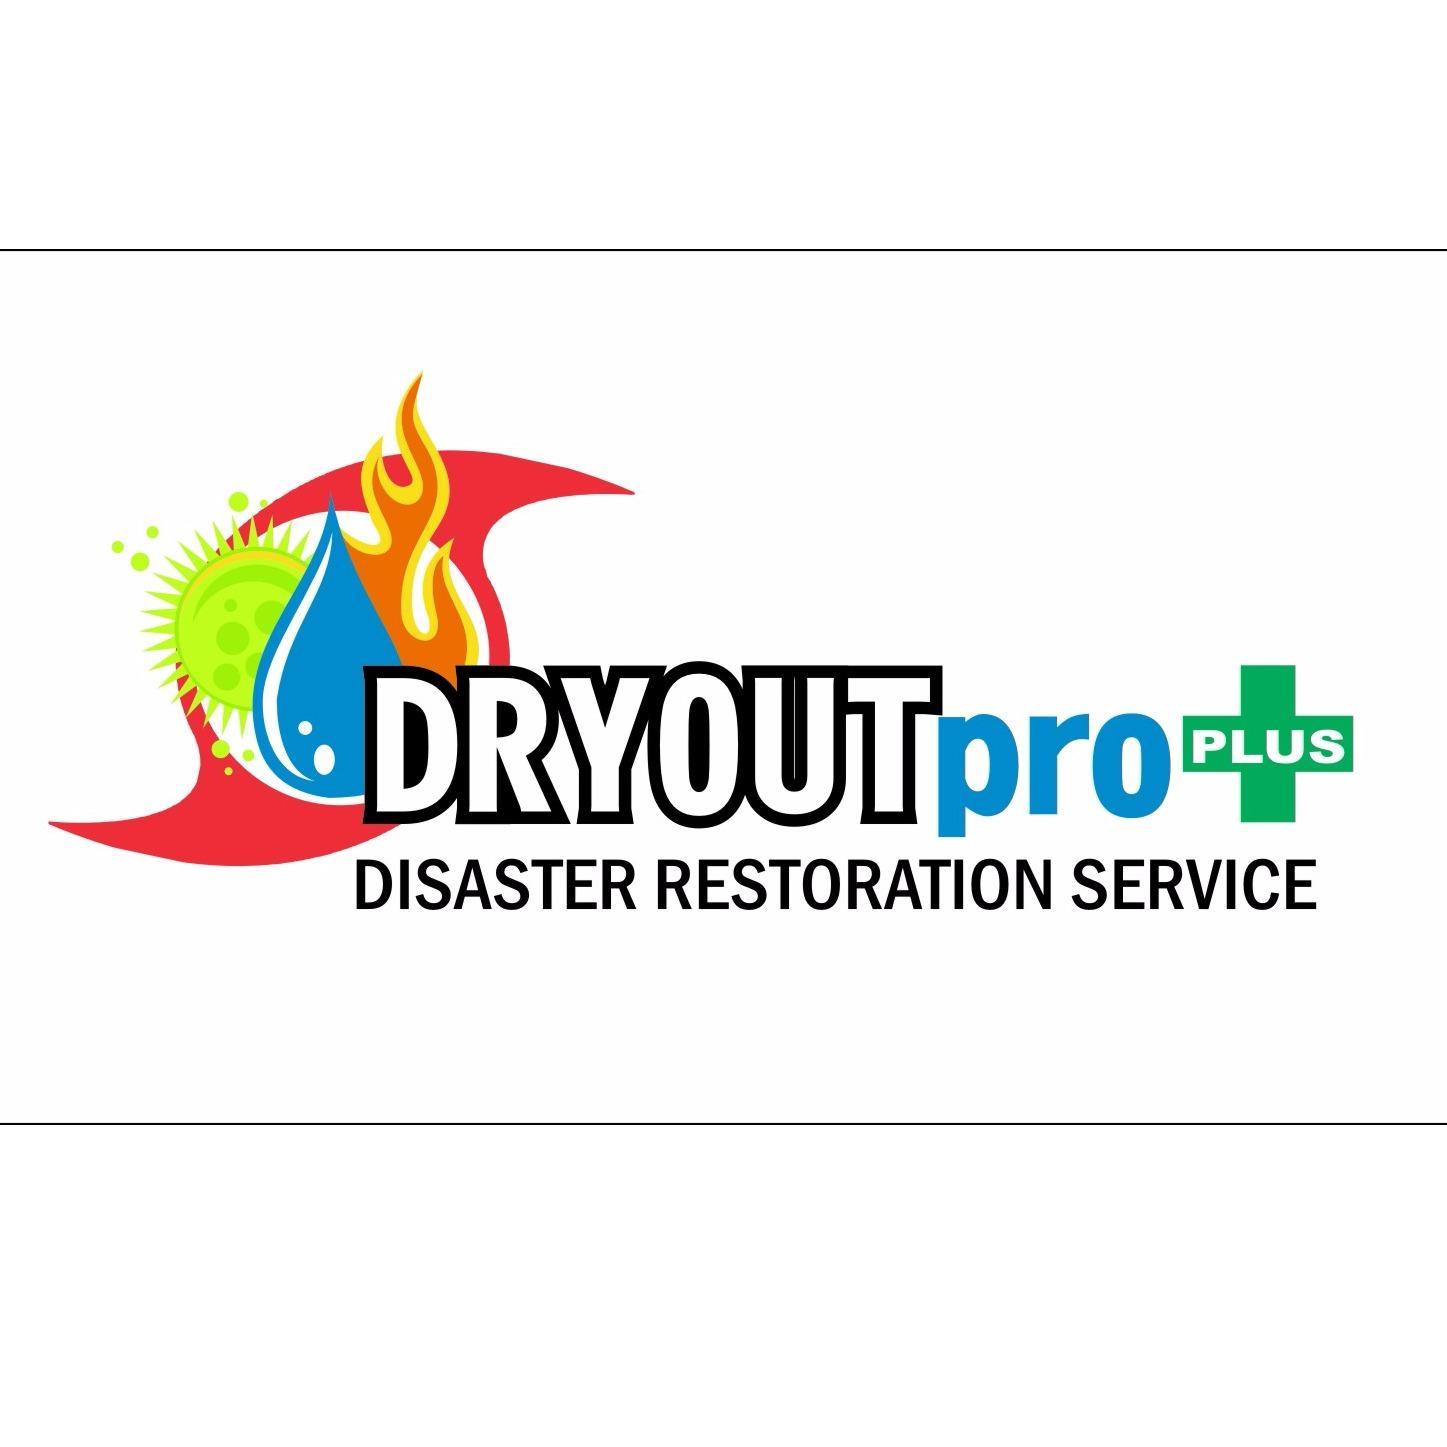 DRYOUTpro PLUS, Inc. image 13